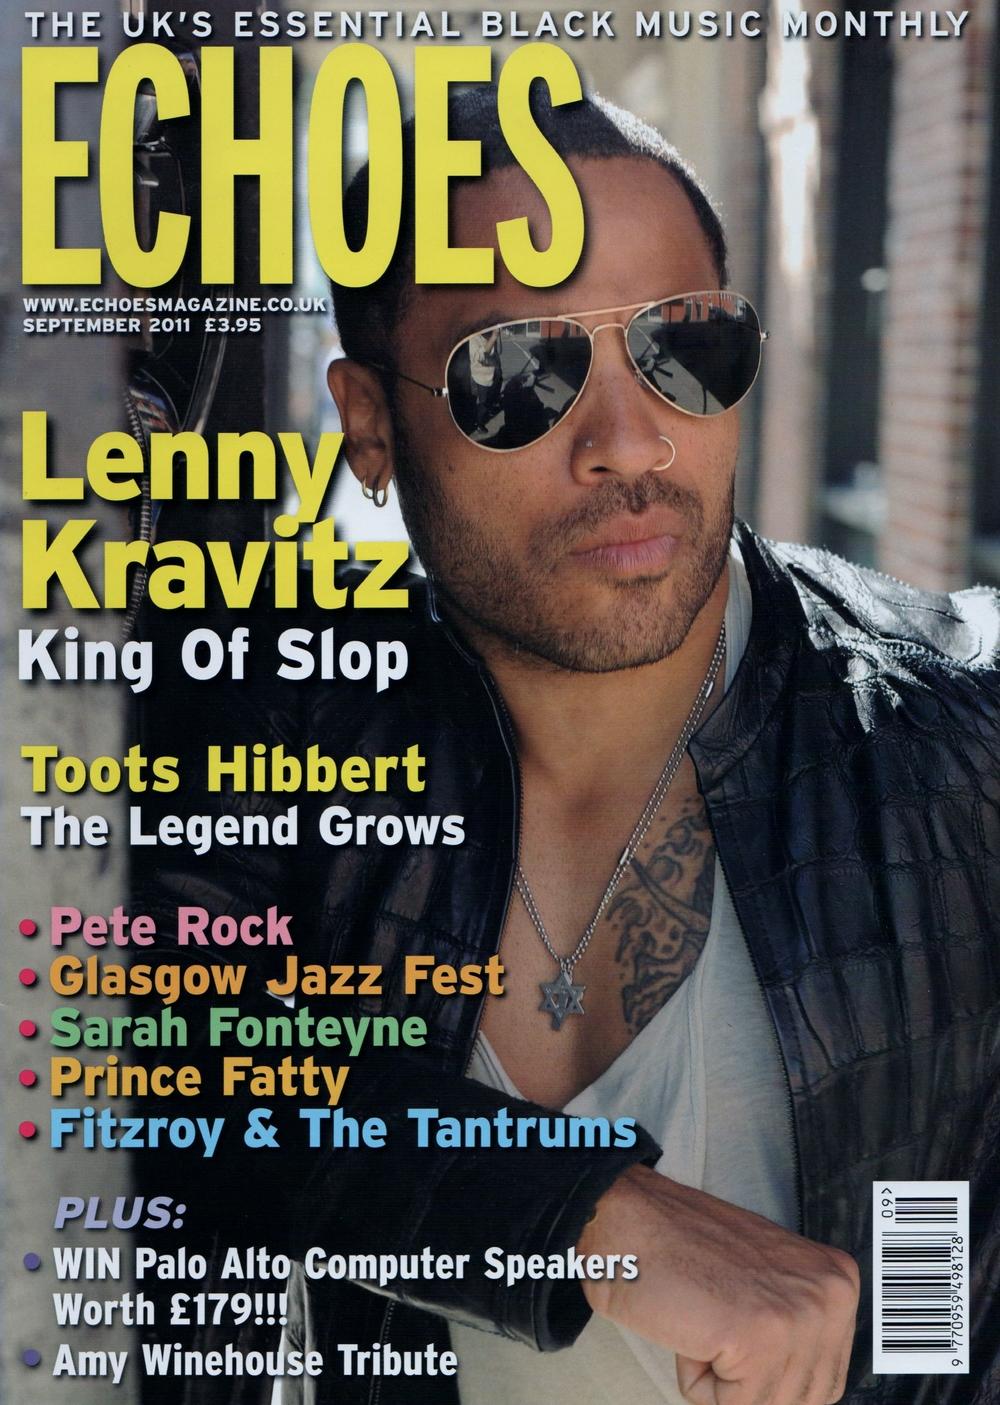 Echoes Magazine Sept 2011